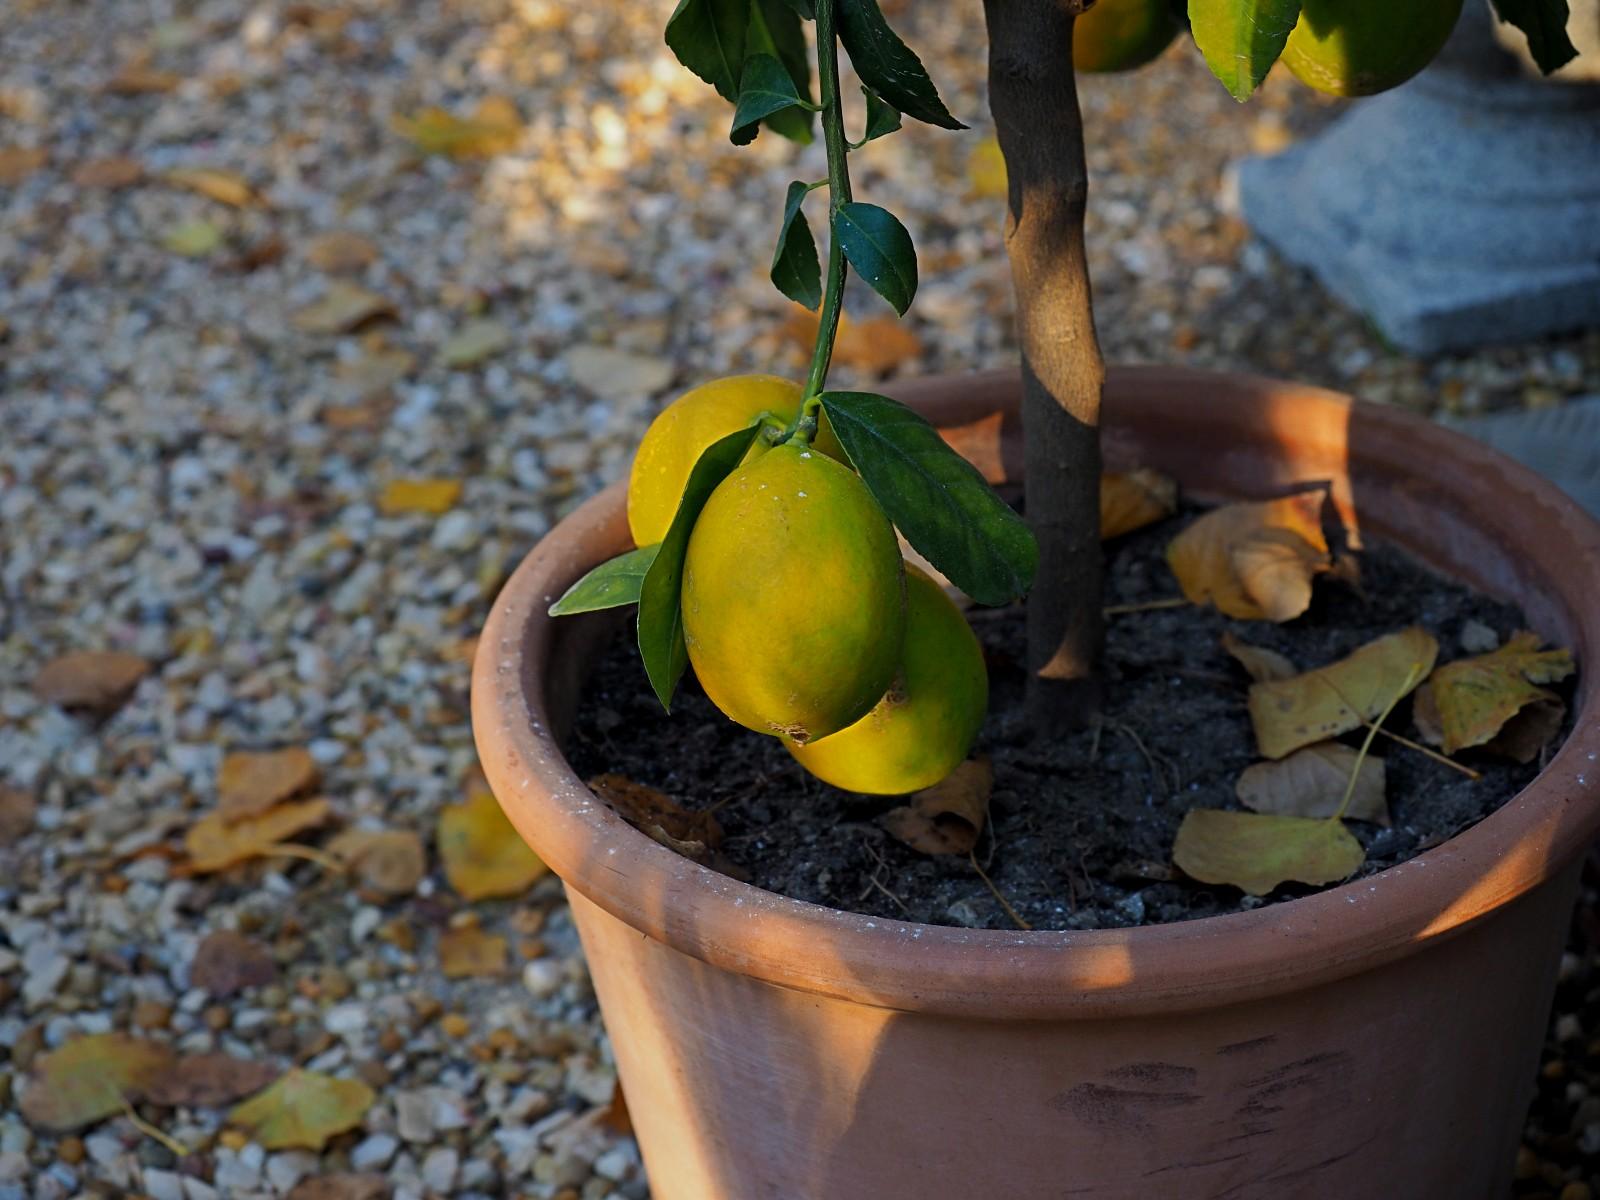 Zitronenbäumchen_PC080004